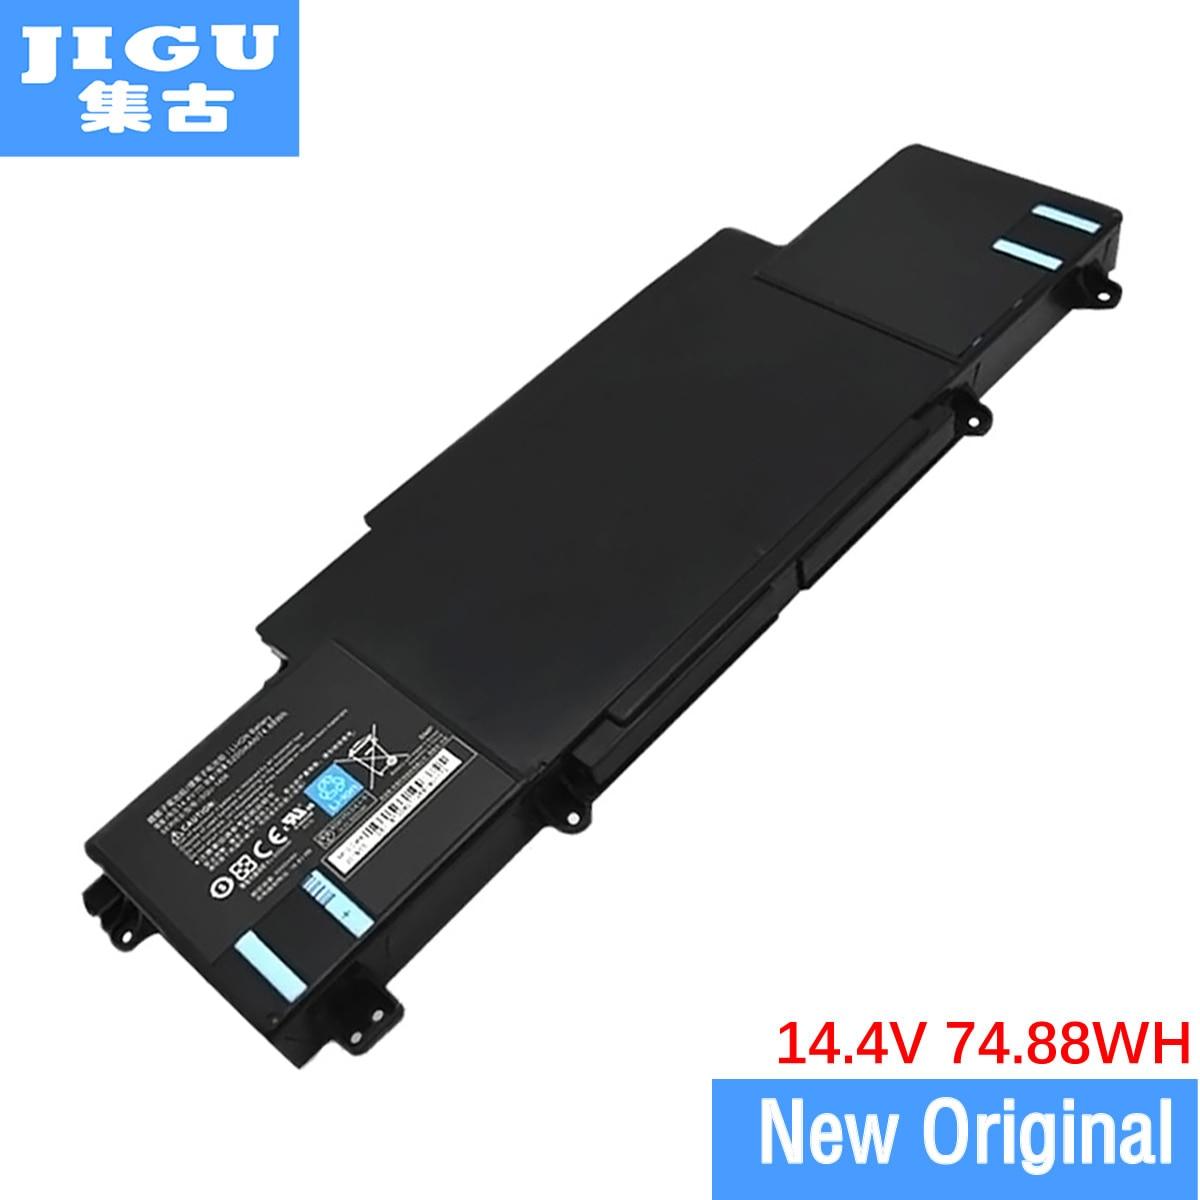 JIGU 14.4V 74.88WH SQU-1406 Original Laptop Battery For THUNDEROBOT 911-S2C 911-E1 911-M 911-S1 911-S5A 911-T1 911GT 911M-M2A